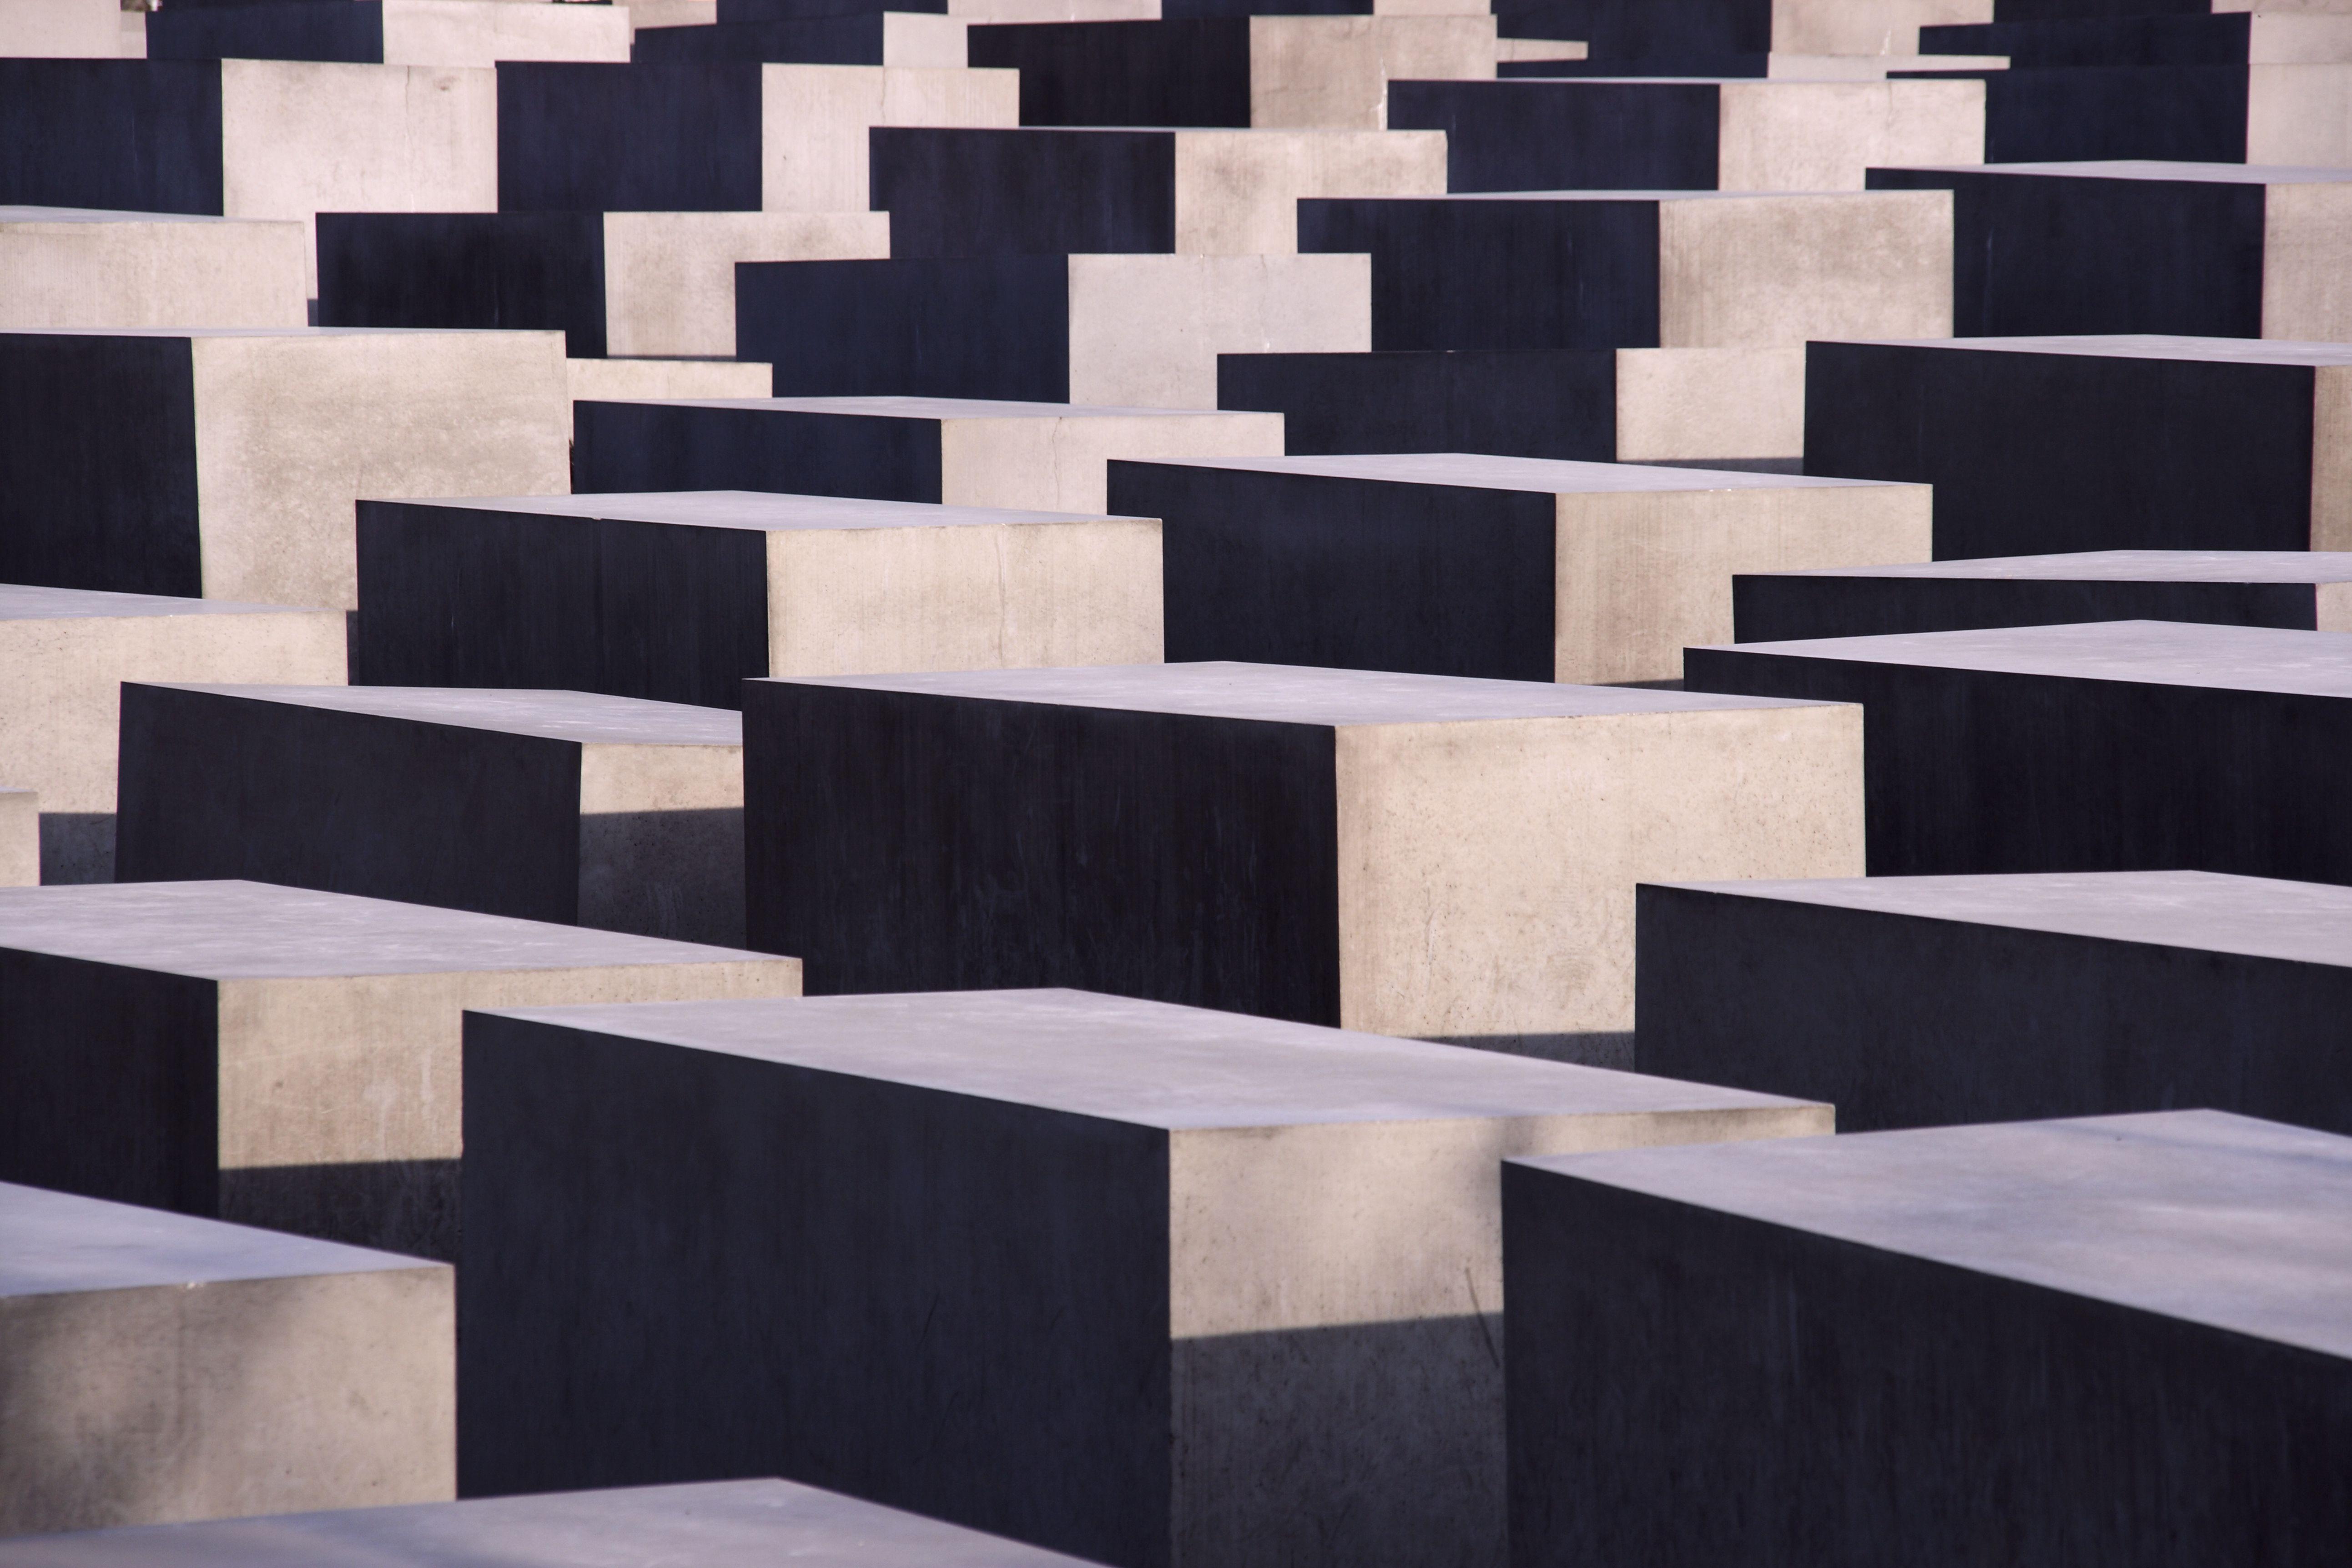 Détail du Mémorial de l'Holocauste de Berlin crée une image abstraite de la lumière géométrique et objets solides sombres